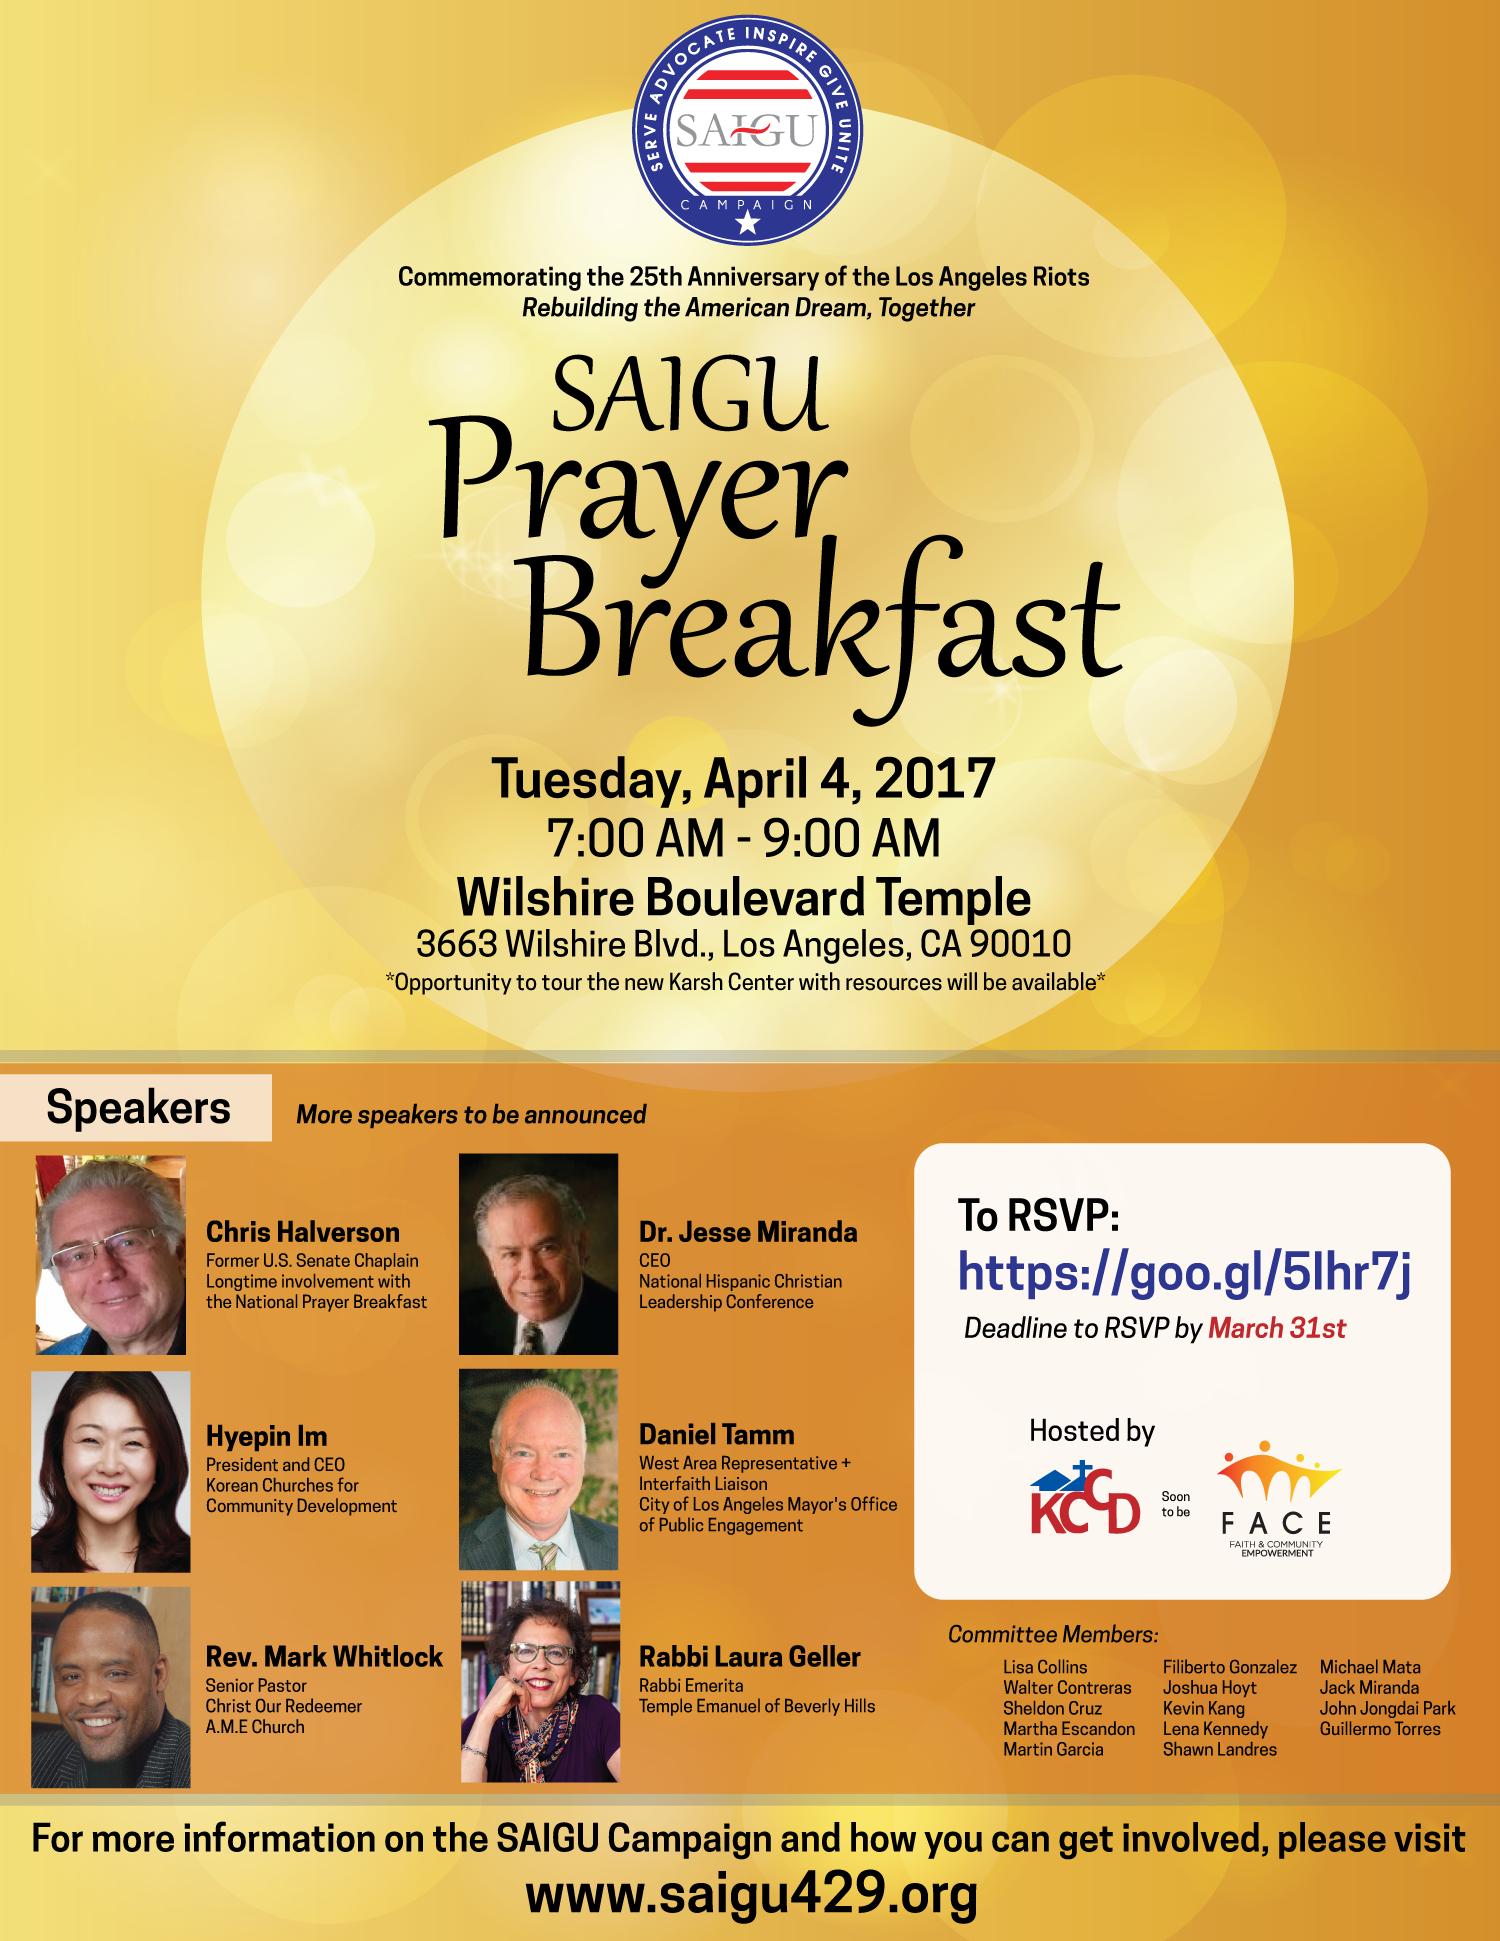 SAIGU-Prayer-Breakfast-Flyer-Final.png